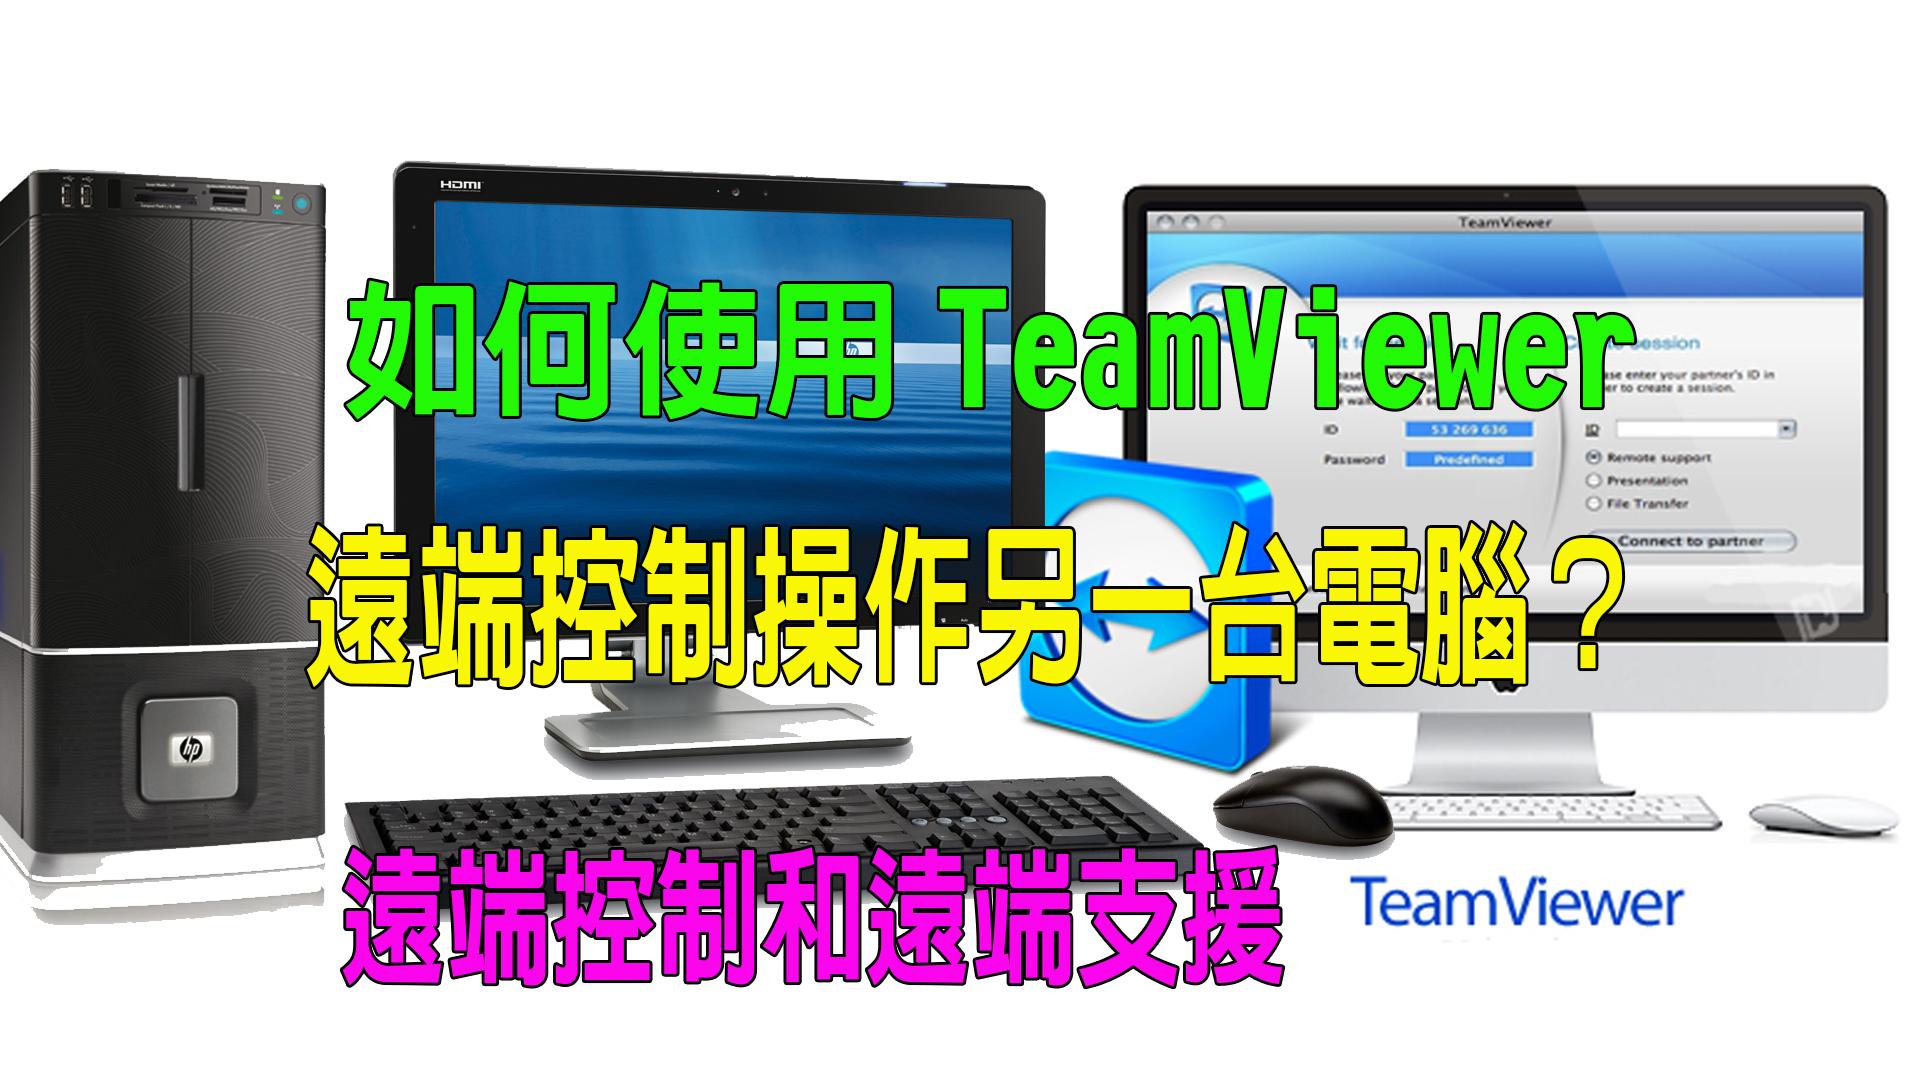 如何使用TeamViewer遠端控制操作另一台電腦?(遠端控制和支援)